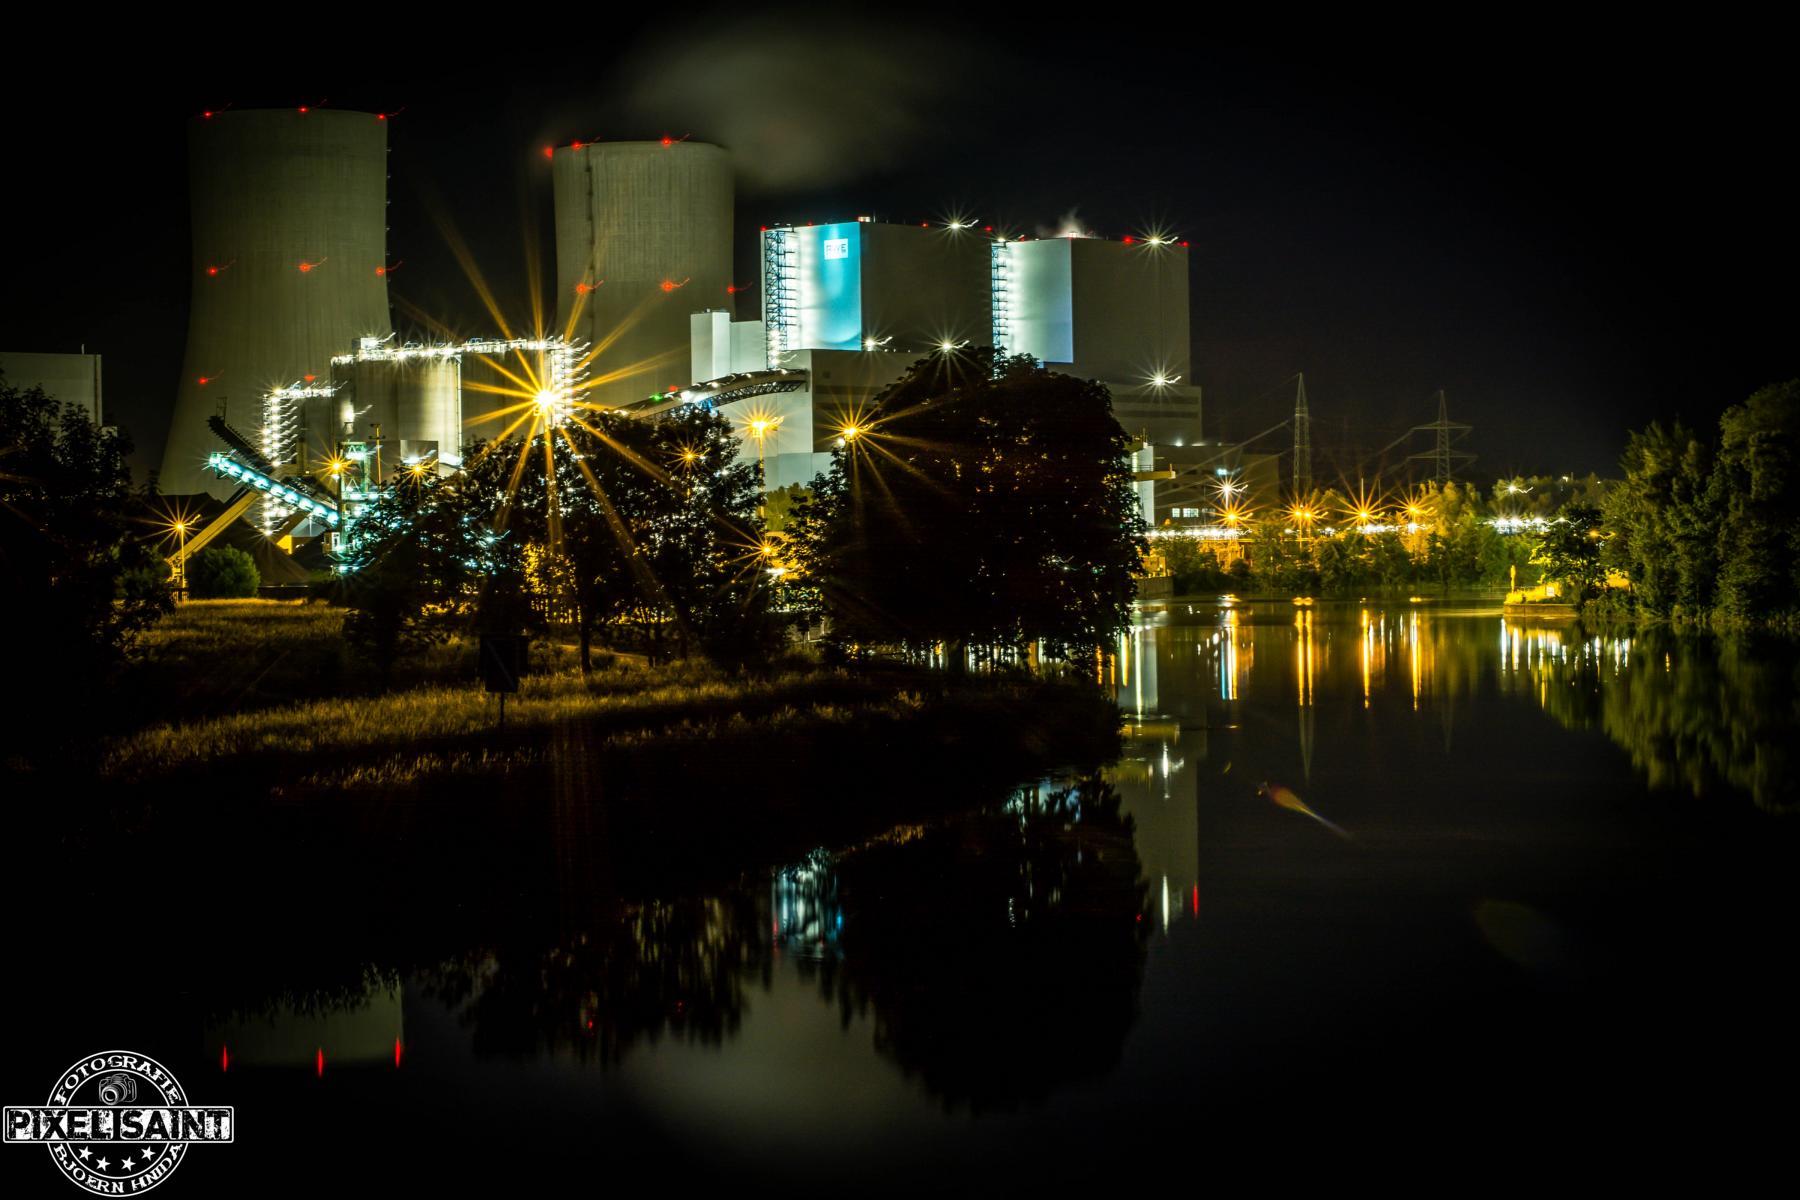 industriefotografie-bjoern-hnida 7